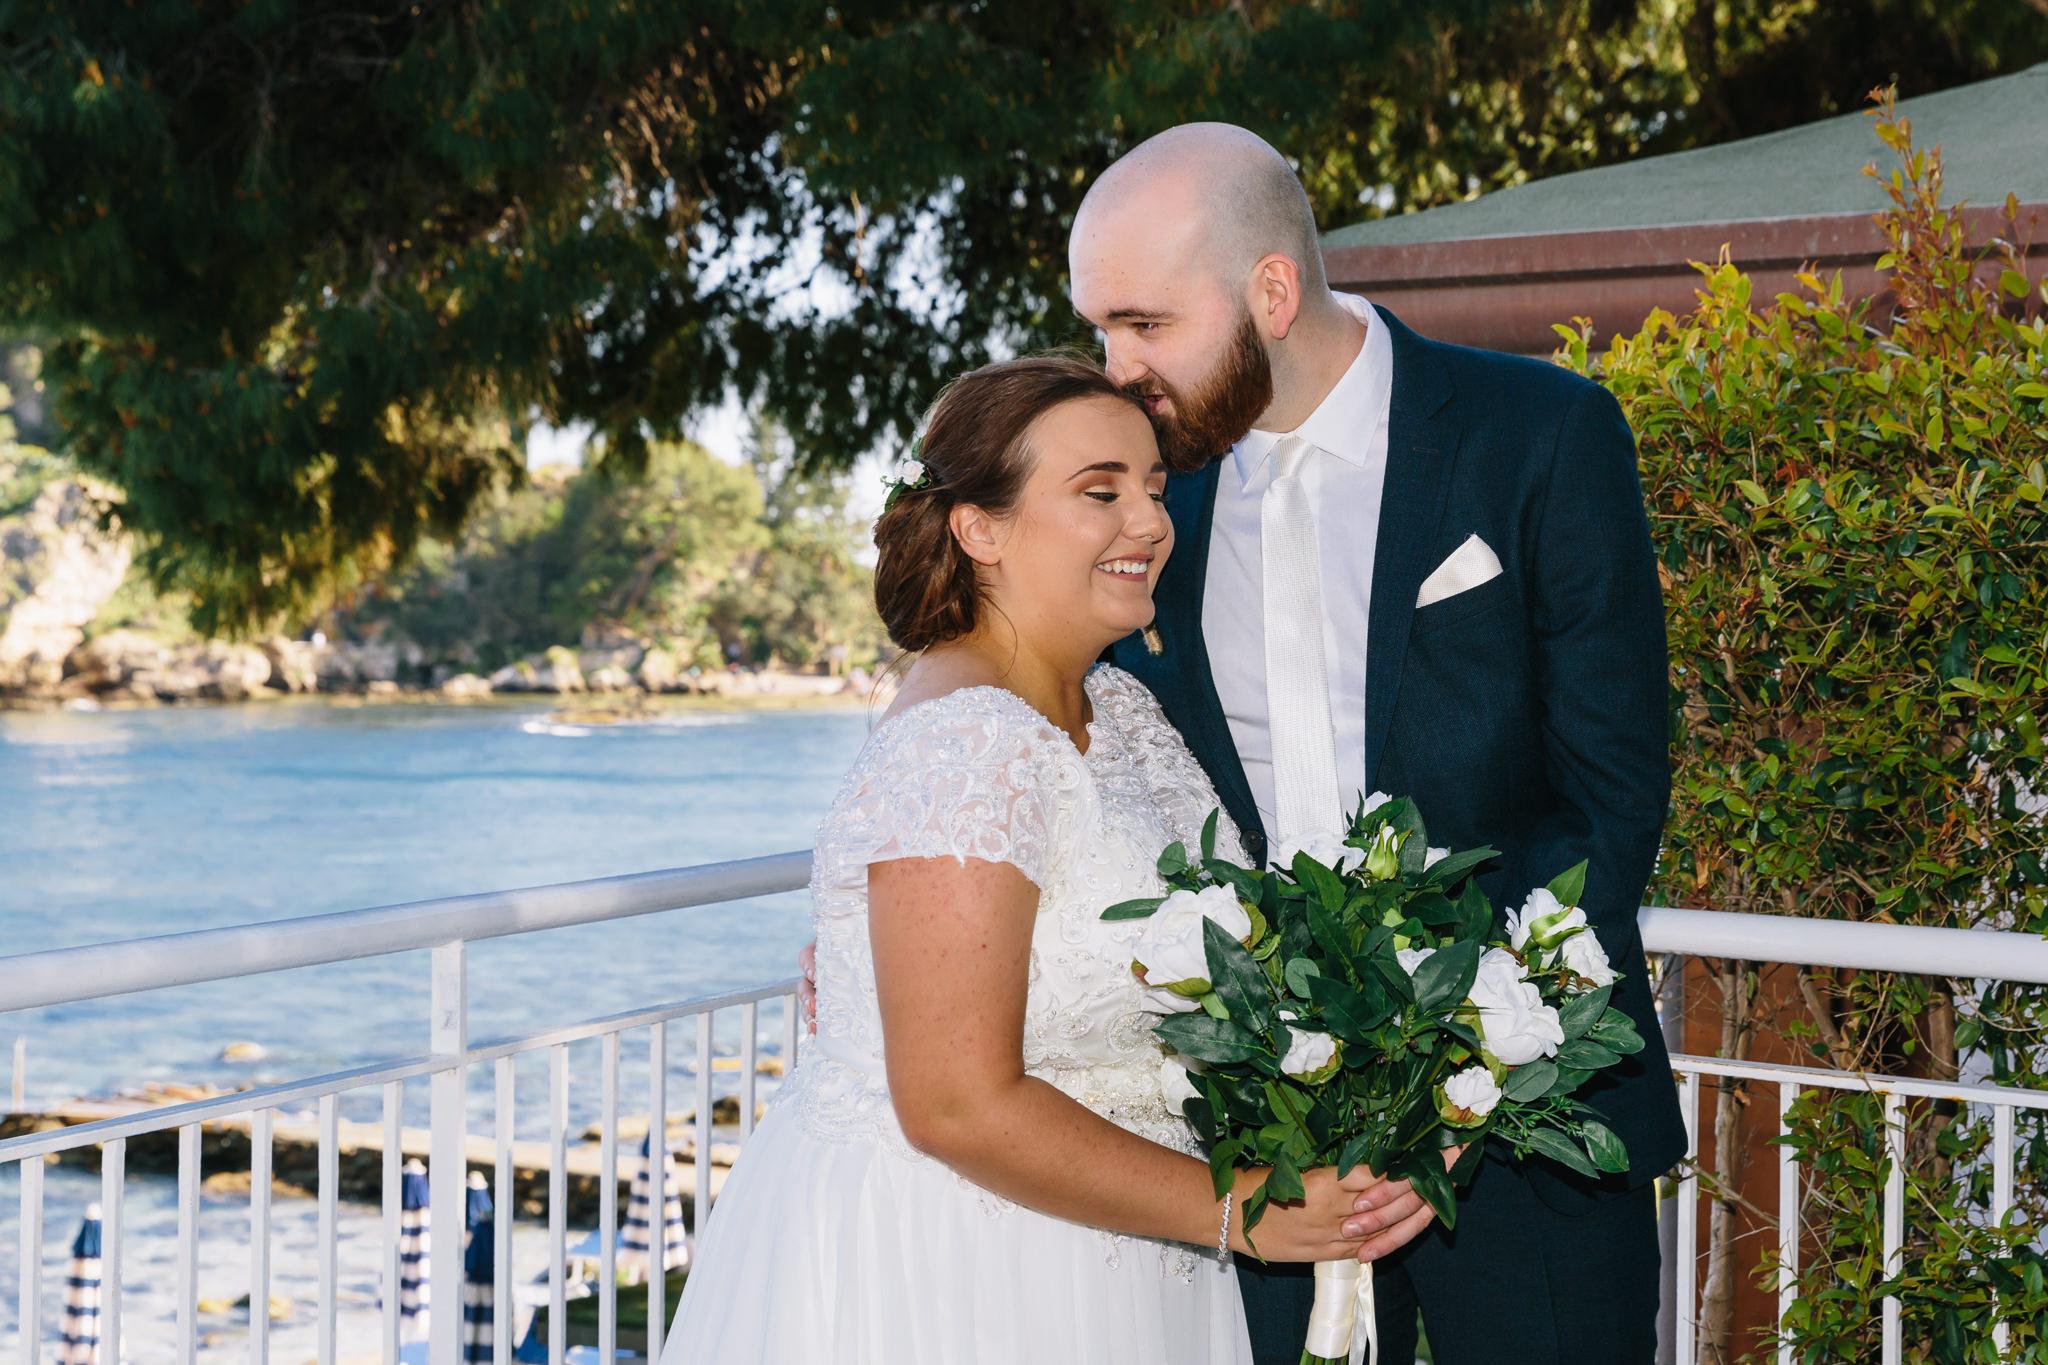 044-2019-04-27-Wedding-Michelle-e-Callum-5DE-611